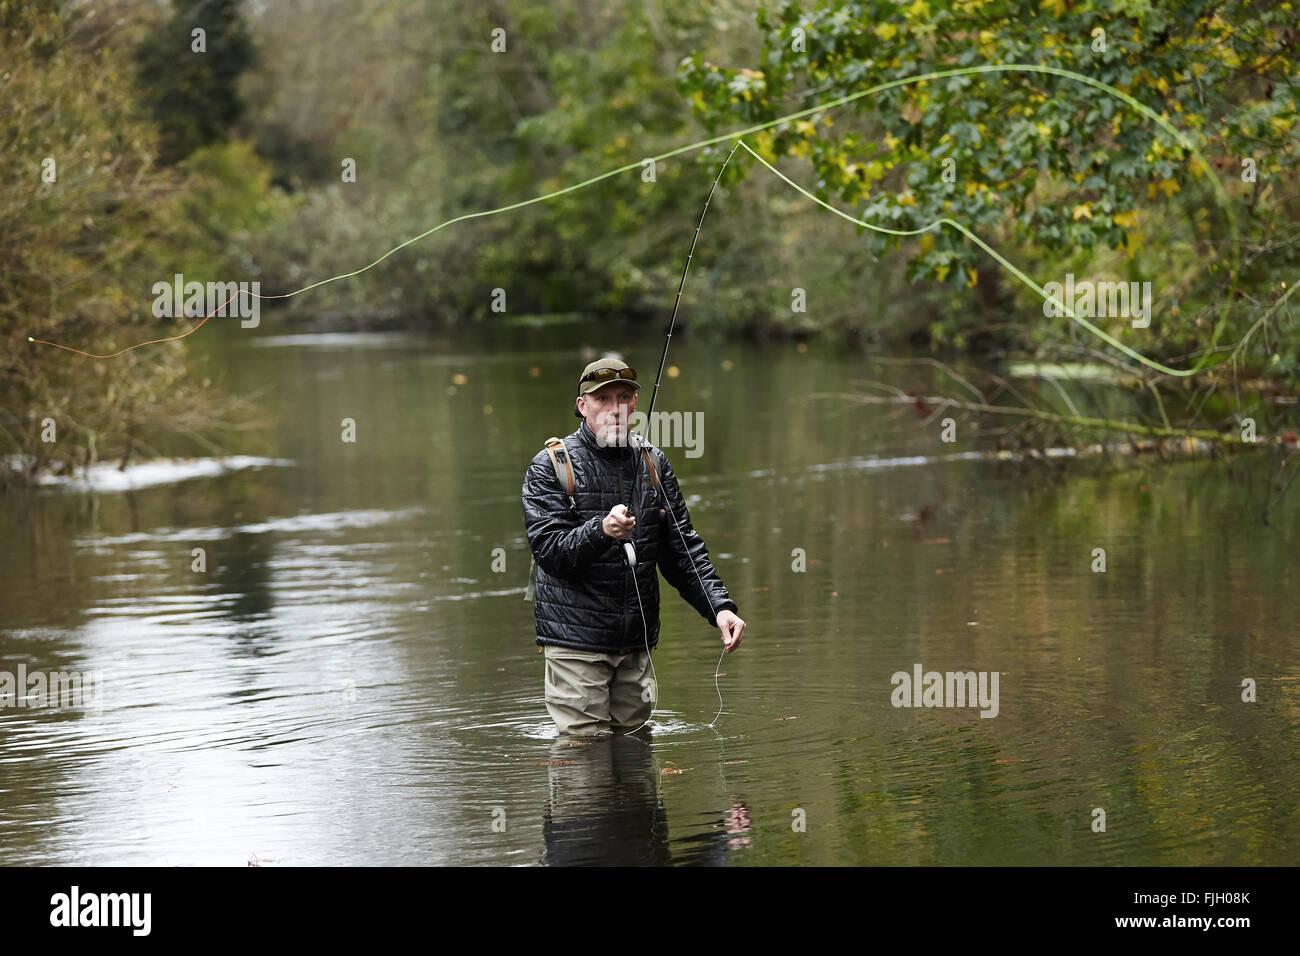 Un uomo di Pesca a Mosca Report di Pesca in un fiume - Londra, Regno Unito Immagini Stock